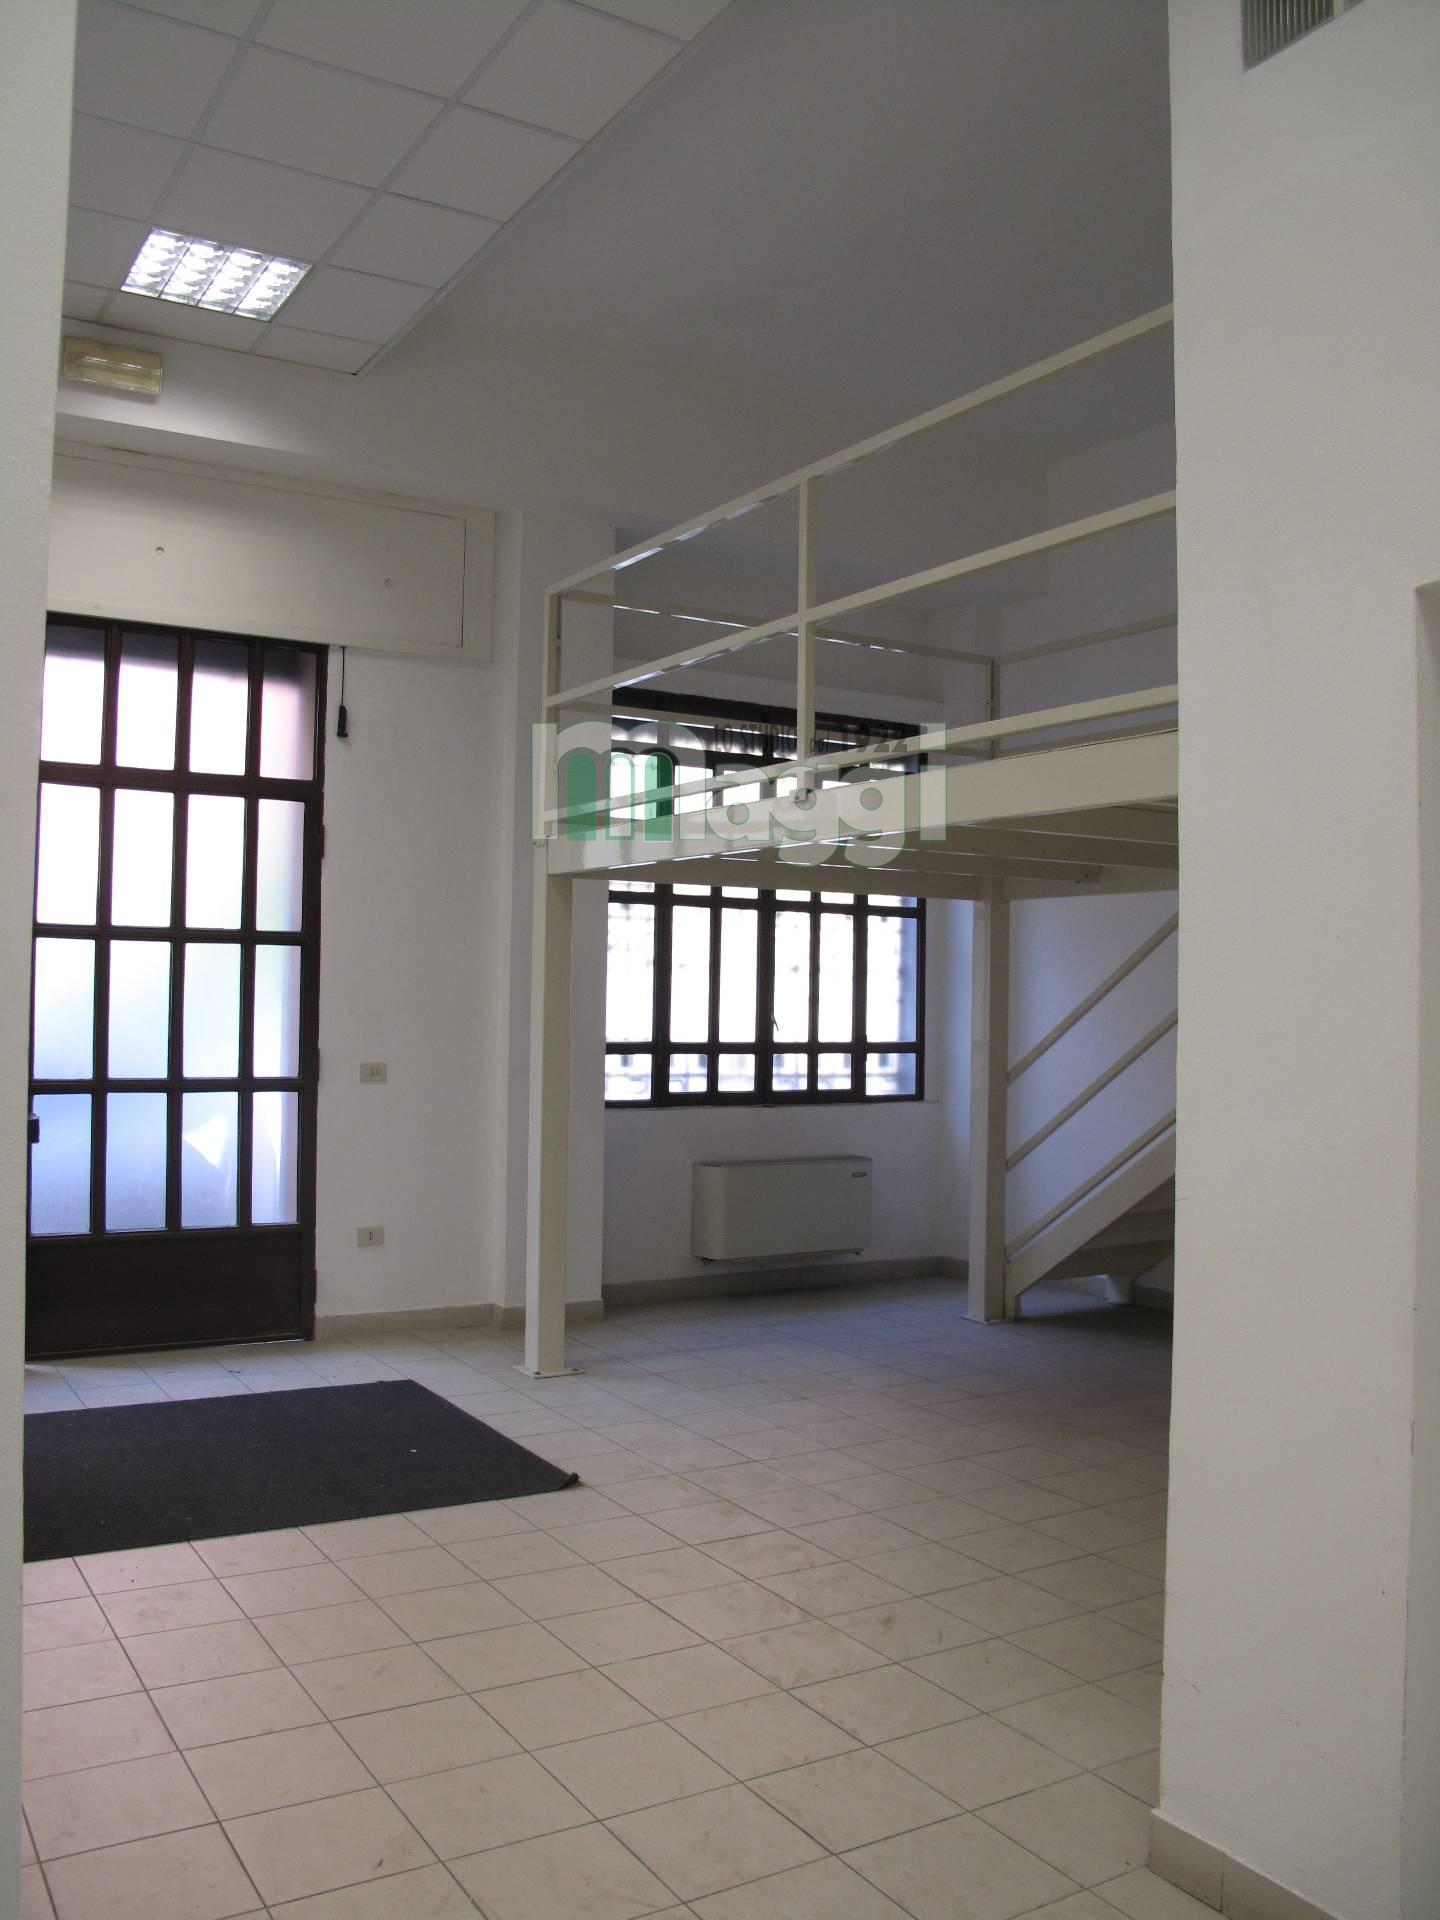 Negozio / Locale in affitto a Milano, 9999 locali, zona Località: PortaRomana, prezzo € 3.500   Cambio Casa.it